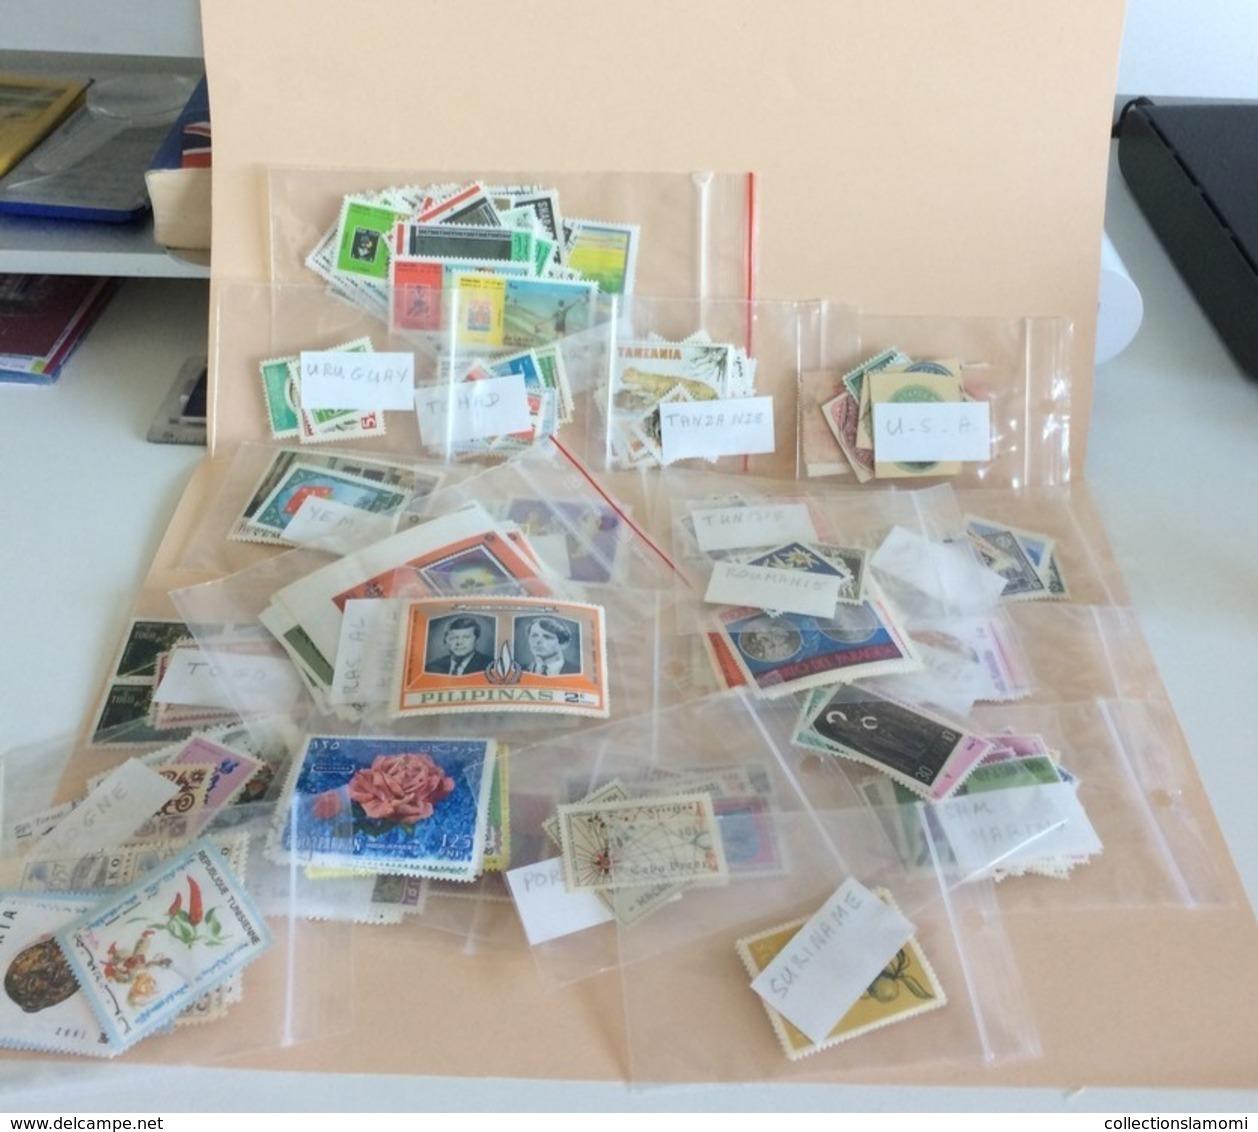 Lot Timbres Neufs, Monde Afrique,Amérique,Asie,Europe,Pays Voir Photos (n°12) - Stamps